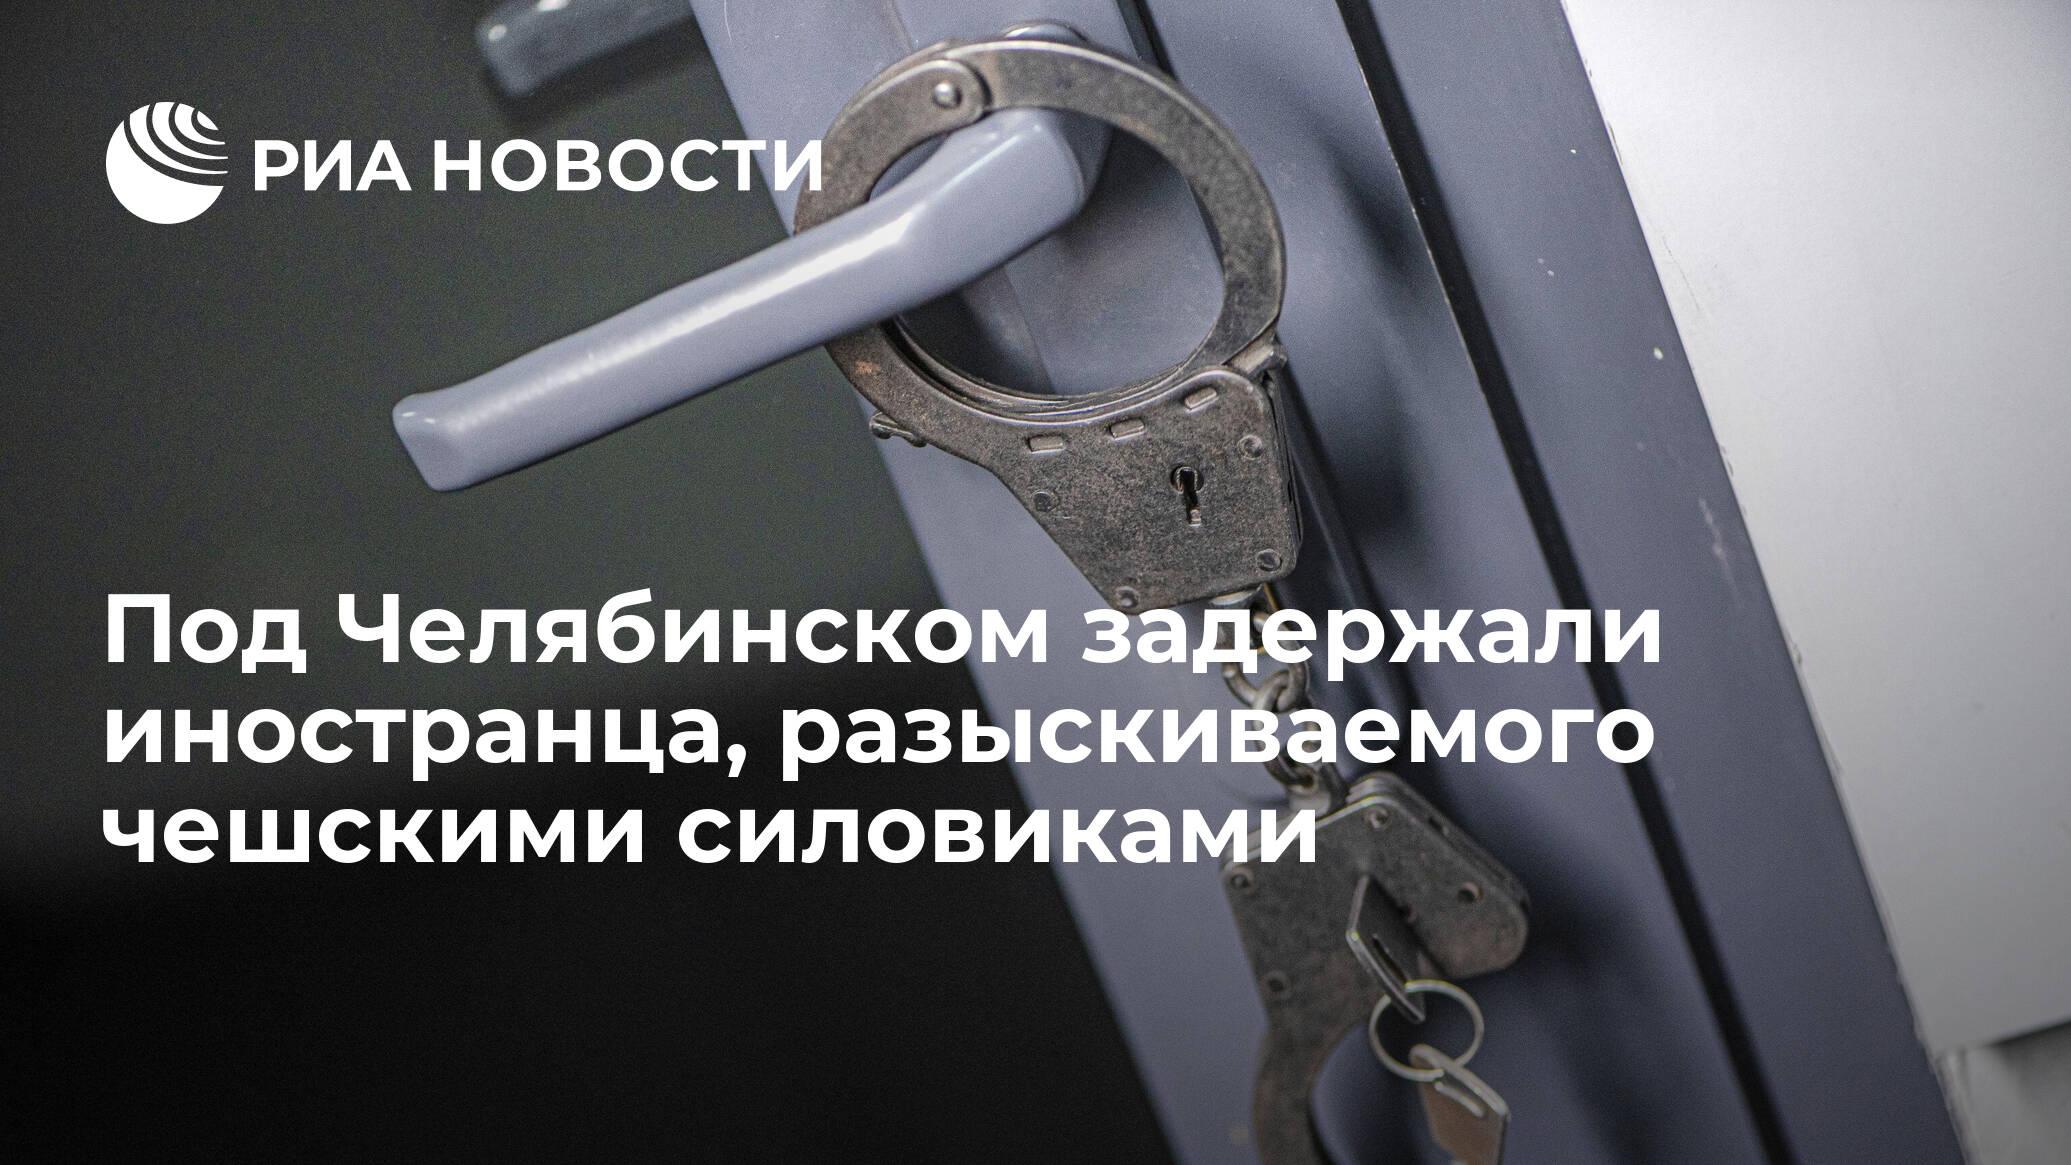 Под Челябинском задержали иностранца, разыскиваемого чешскими силовиками